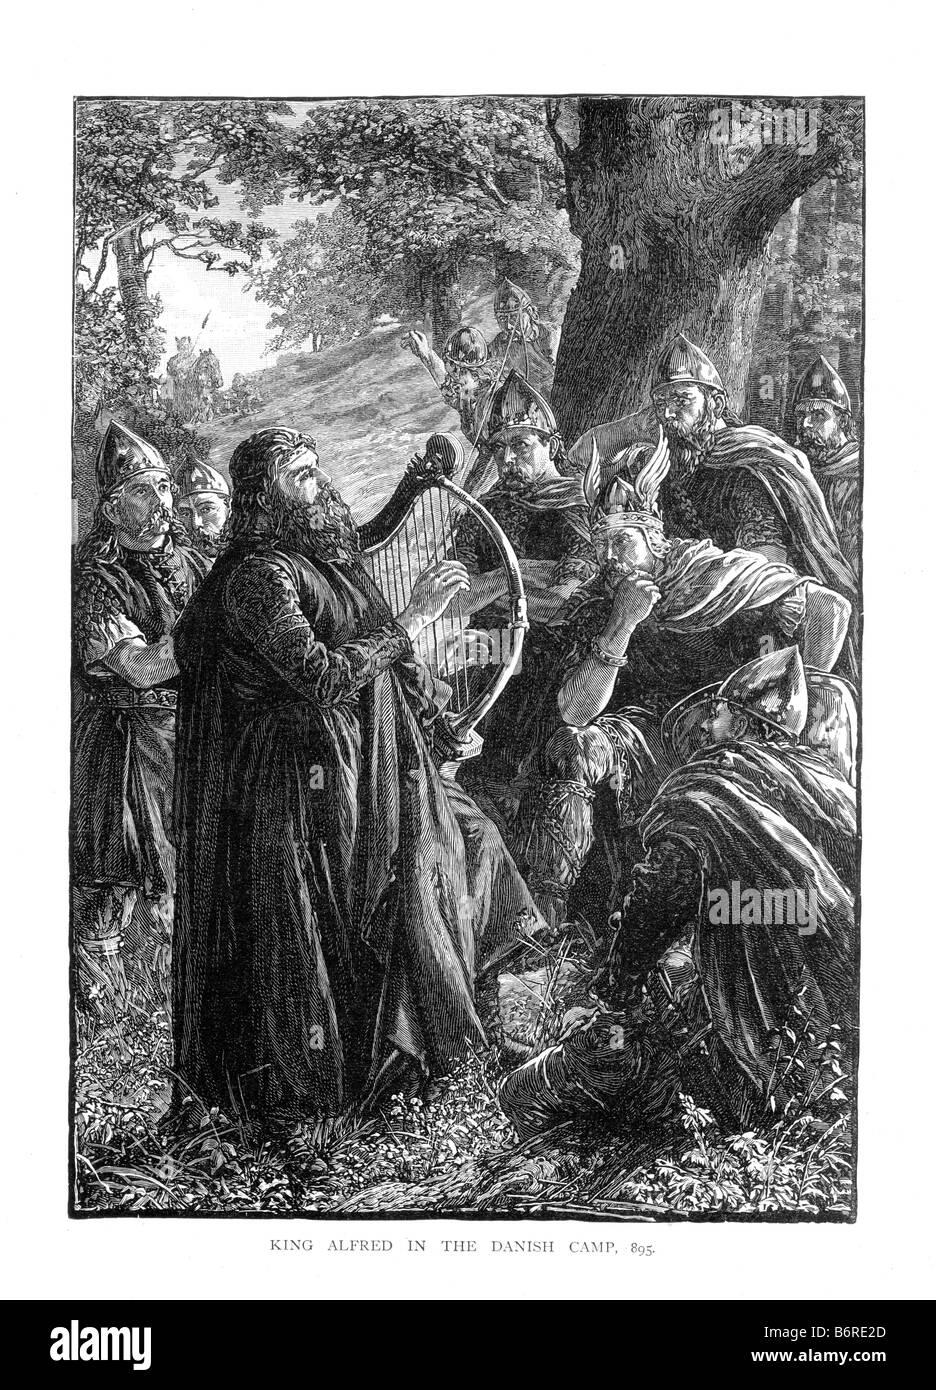 Le roi Alfred dans le camp danois du 19ème siècle AD 895 Illustration Photo Stock